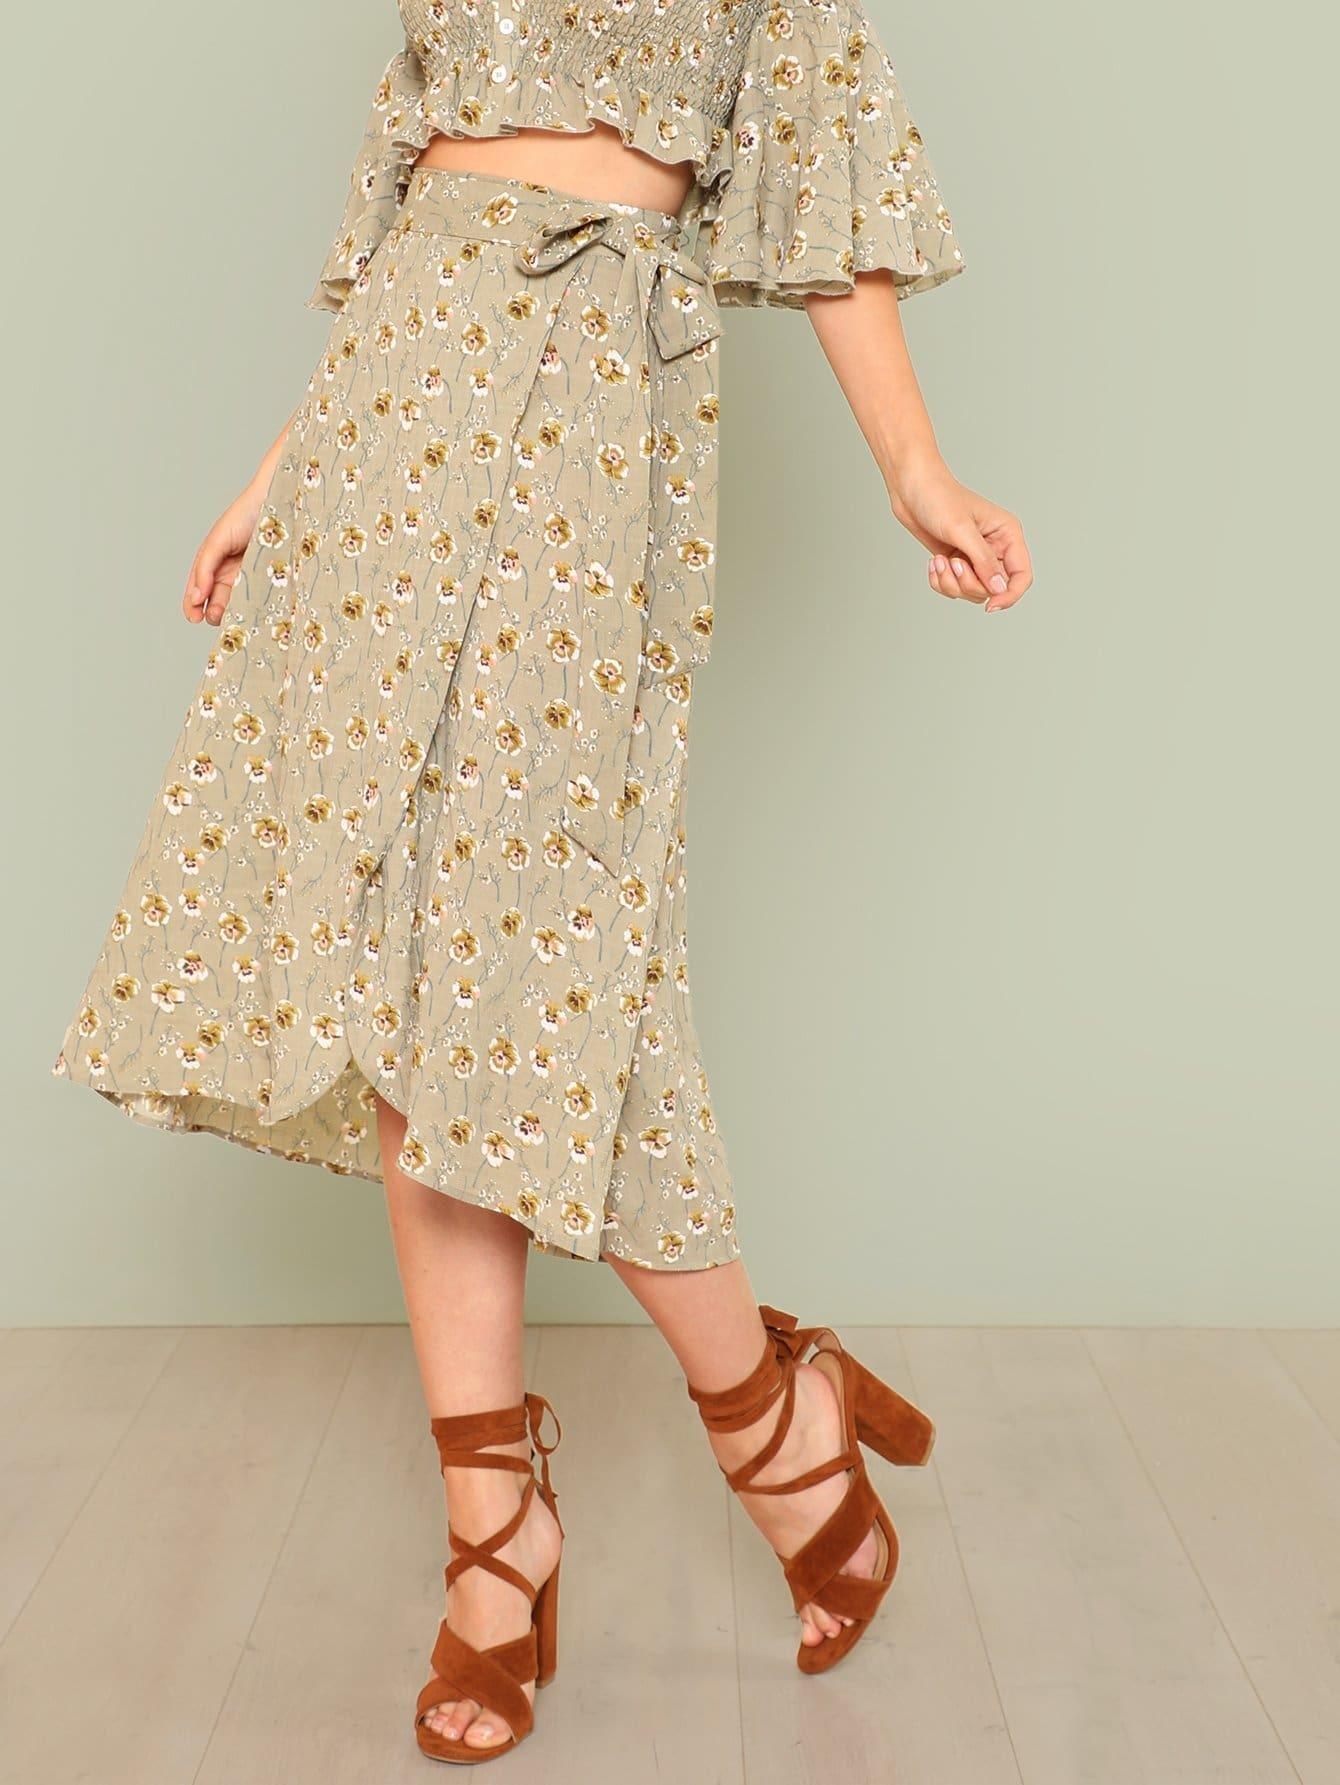 Tie Waist Asymmetrical Hem Floral Skirt bohemian high waist floral print skirt for women